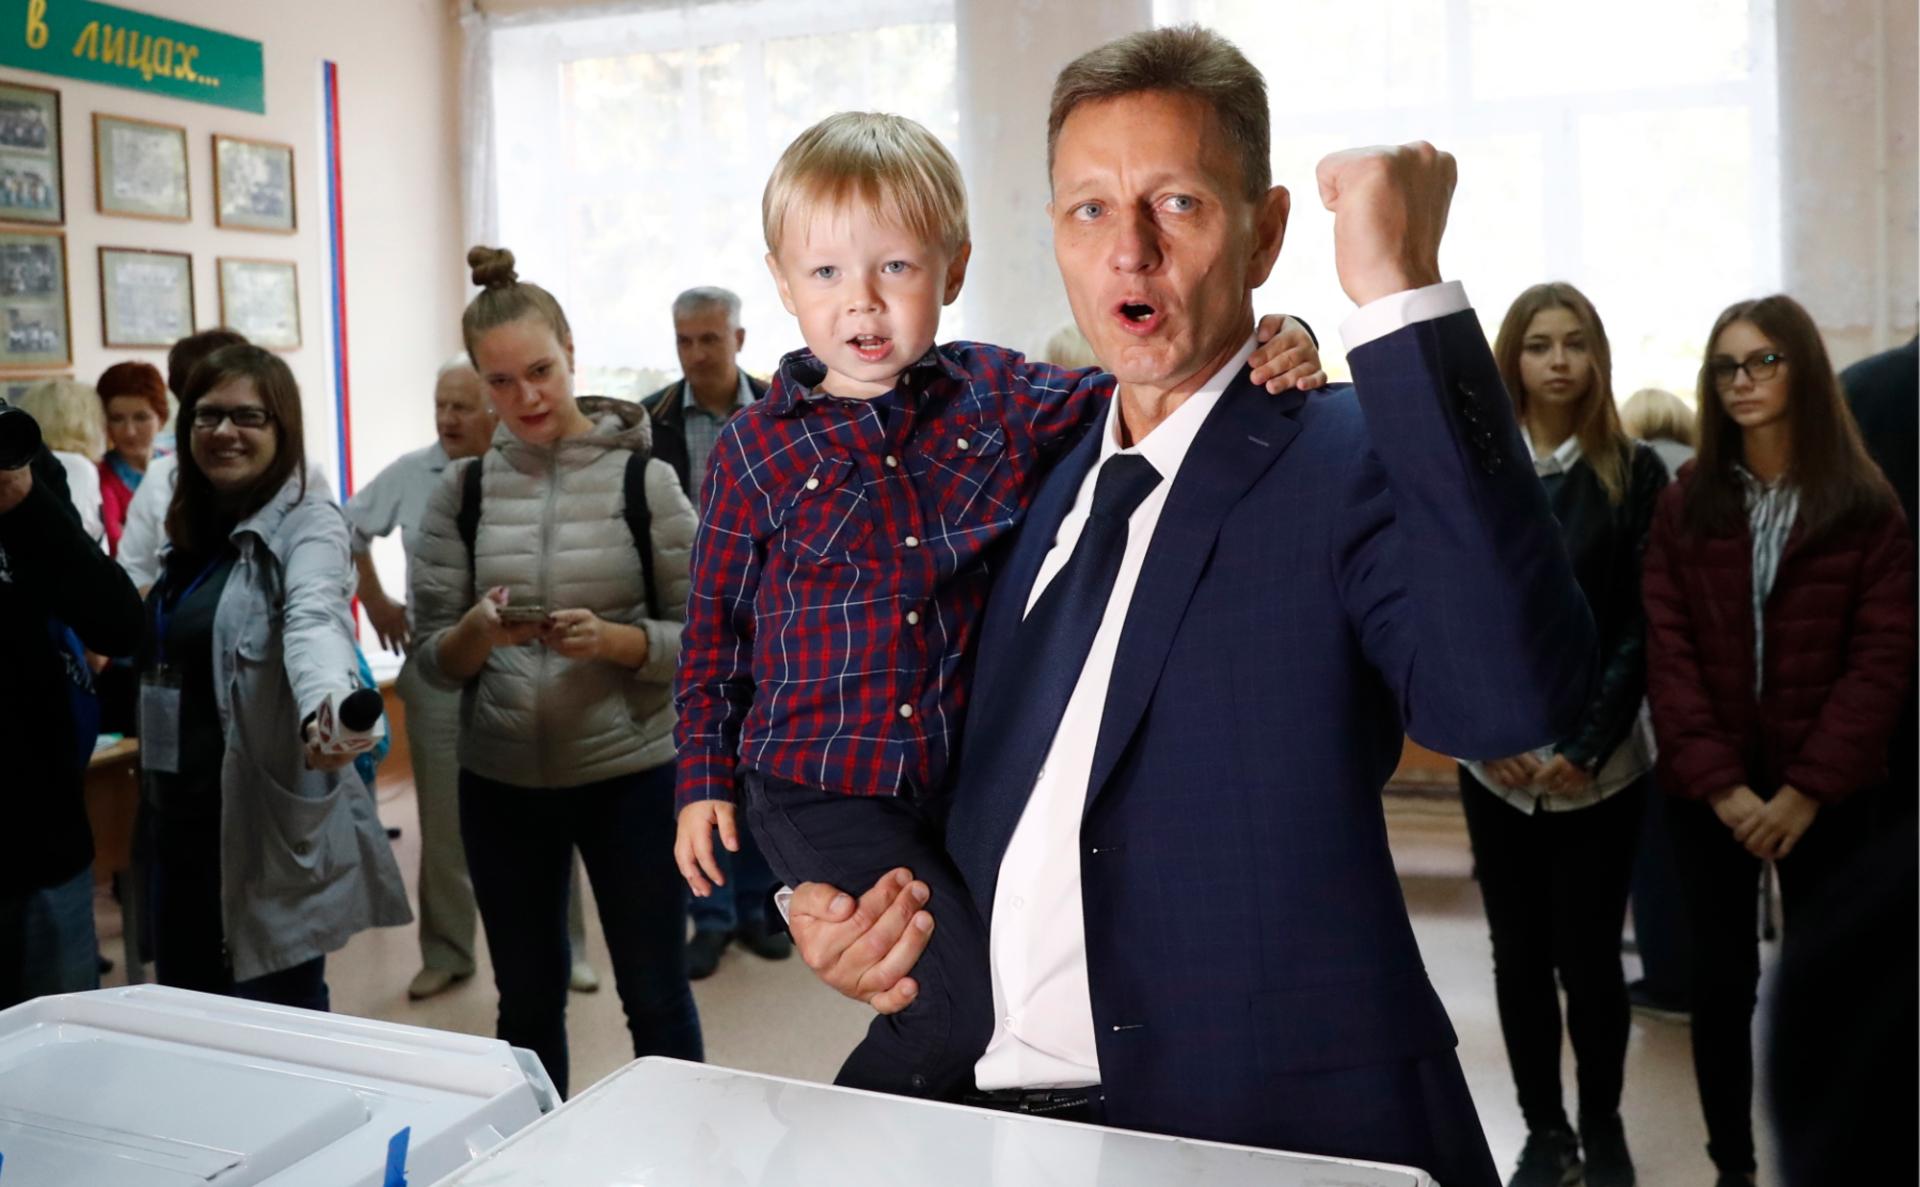 Вслед за Хабаровским краем кандидат ЕР проиграл во Владимирской области